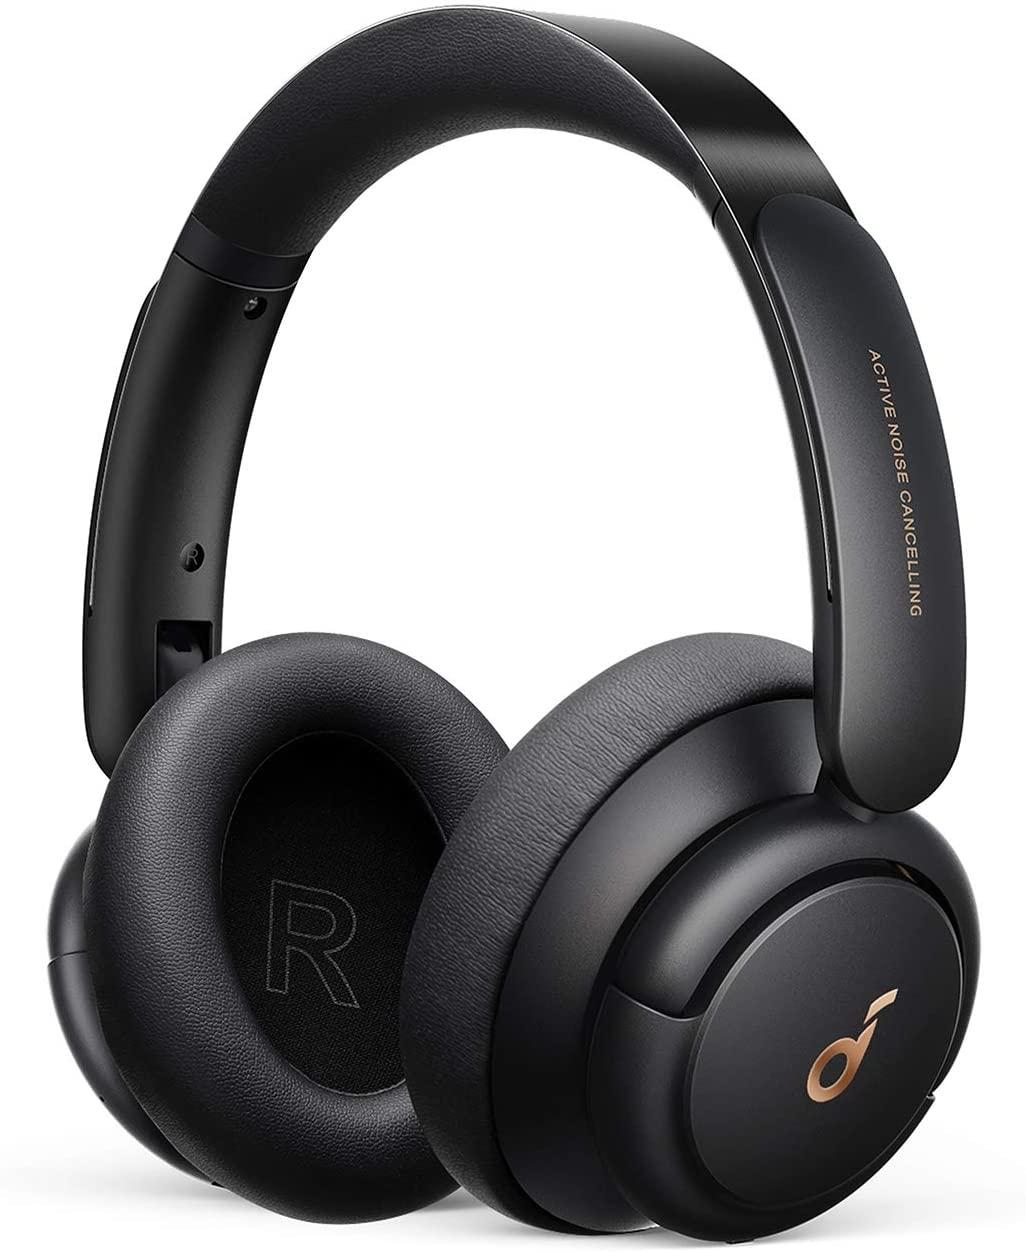 オーディオ, ヘッドホン・イヤホン Anker Soundcore Life Q30Bluetooth5.0 NFCBluetooth (AUX) 40